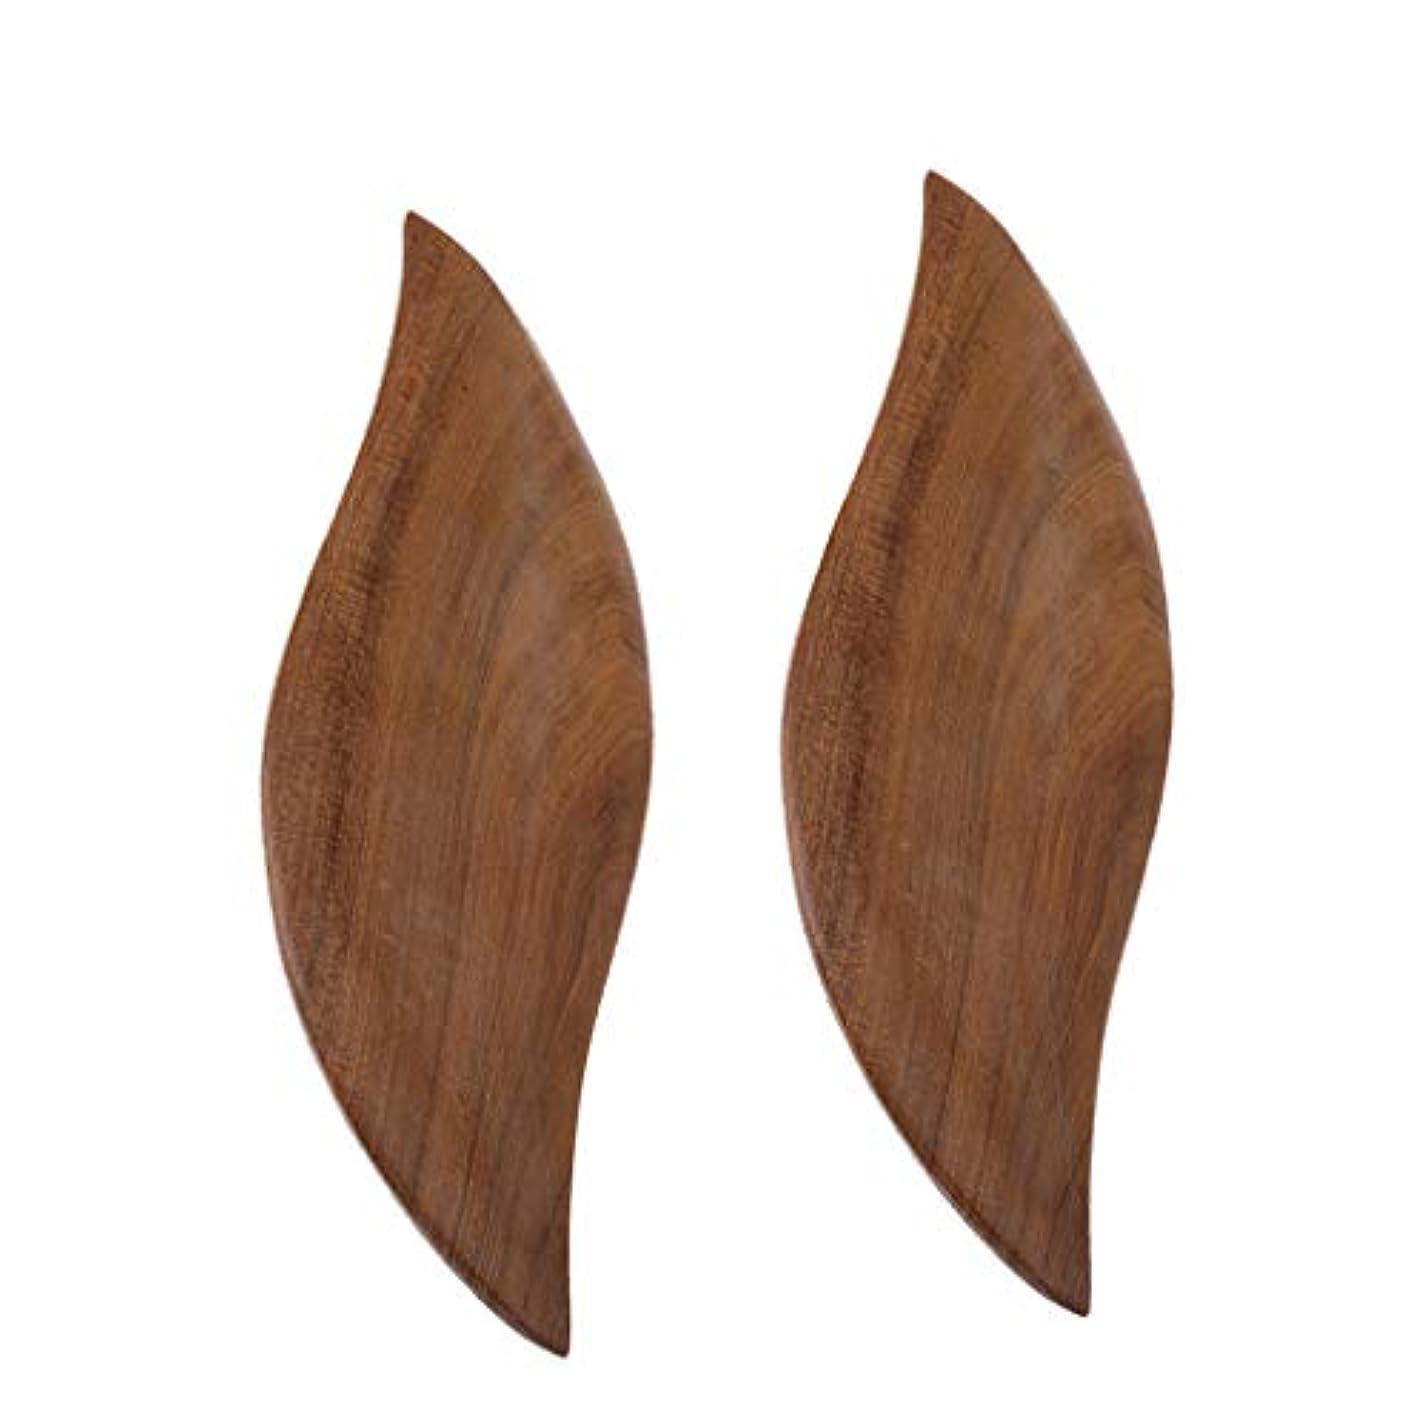 一次スクランブルチャット2枚 かっさプレート 木製 ボード ボディーケア 葉の形 便利